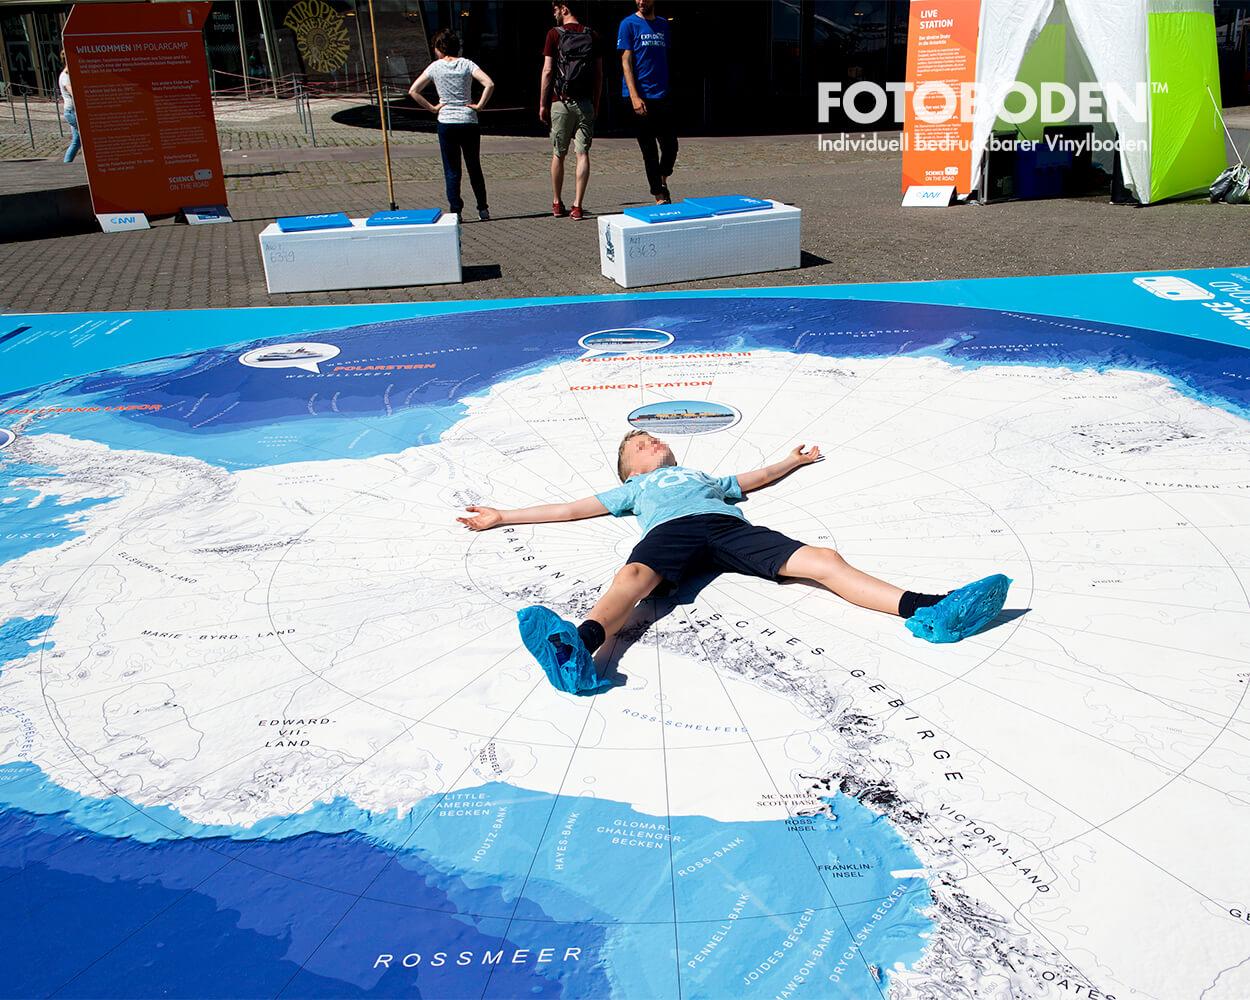 Antarktiskarte VorOzeaneum Stralsund Ausstellung Museum  Raumkonzept Stimmung Museumsboden Ausstellungsboden Fotoboden Vinylboden Flooring Individuell Event